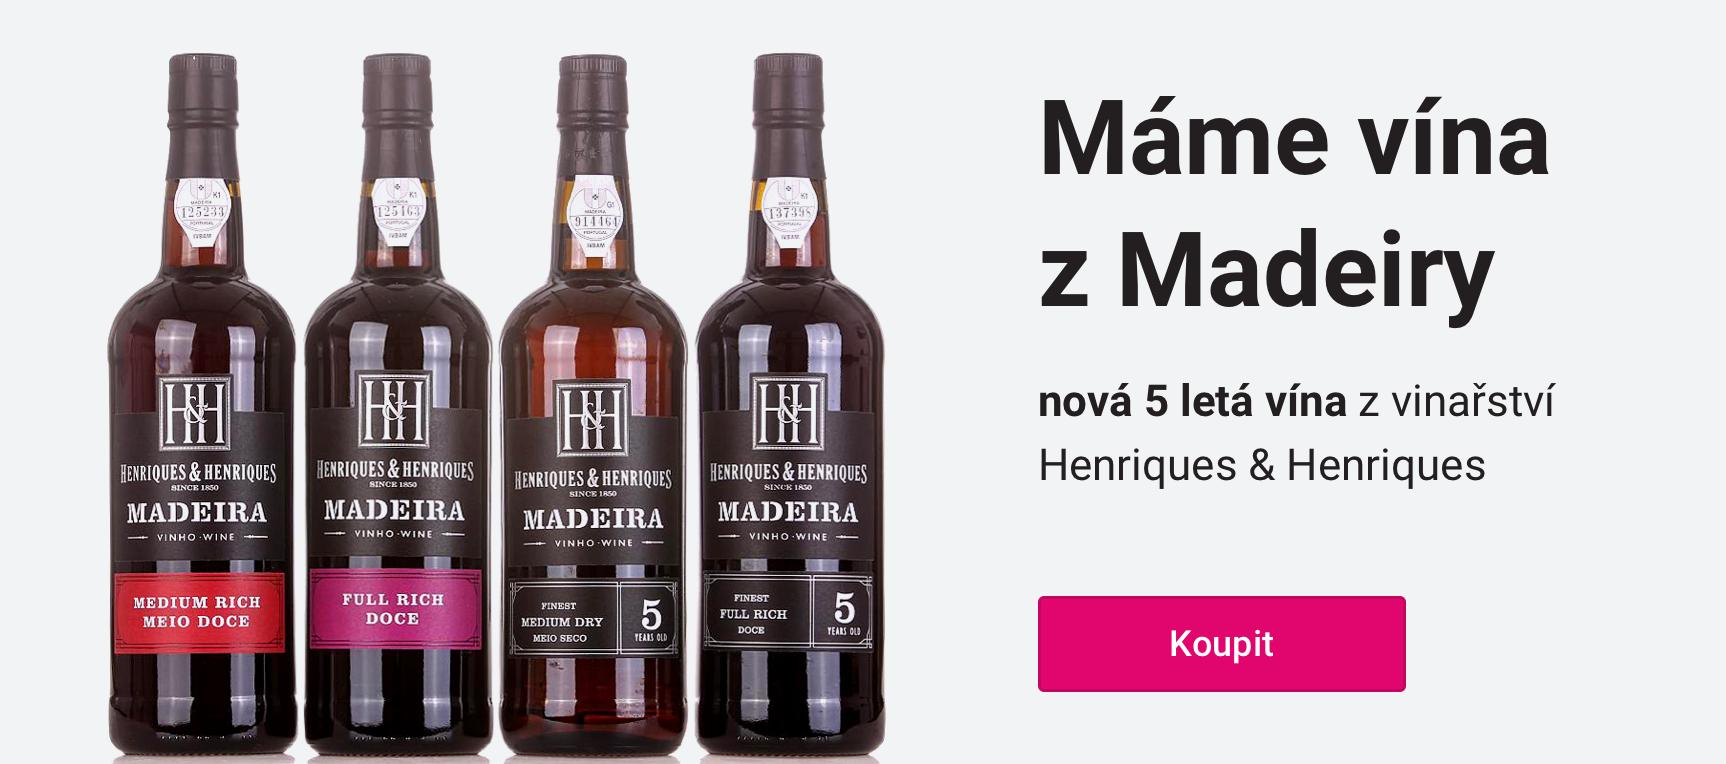 Máme vína z Madeiry